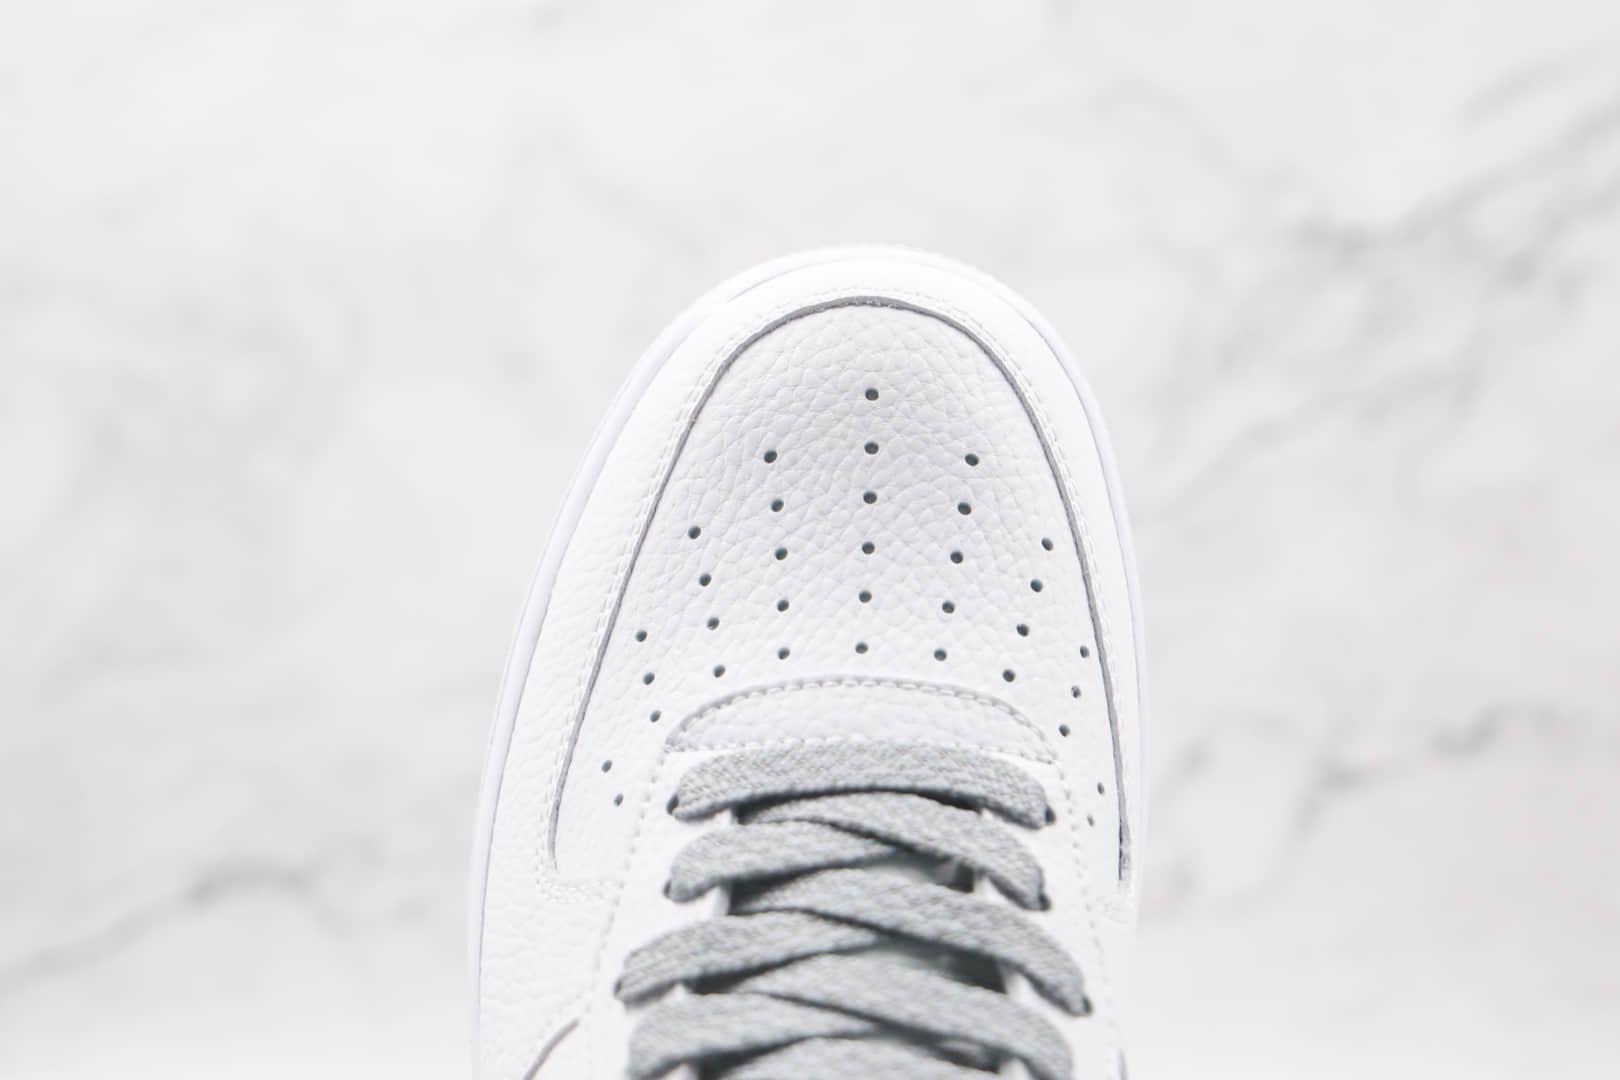 耐克Nike Air Force 1 Low 07纯原版本低帮空军一号冰蓝满天星板鞋内置气垫原盒原标 货号:AQ2566-201